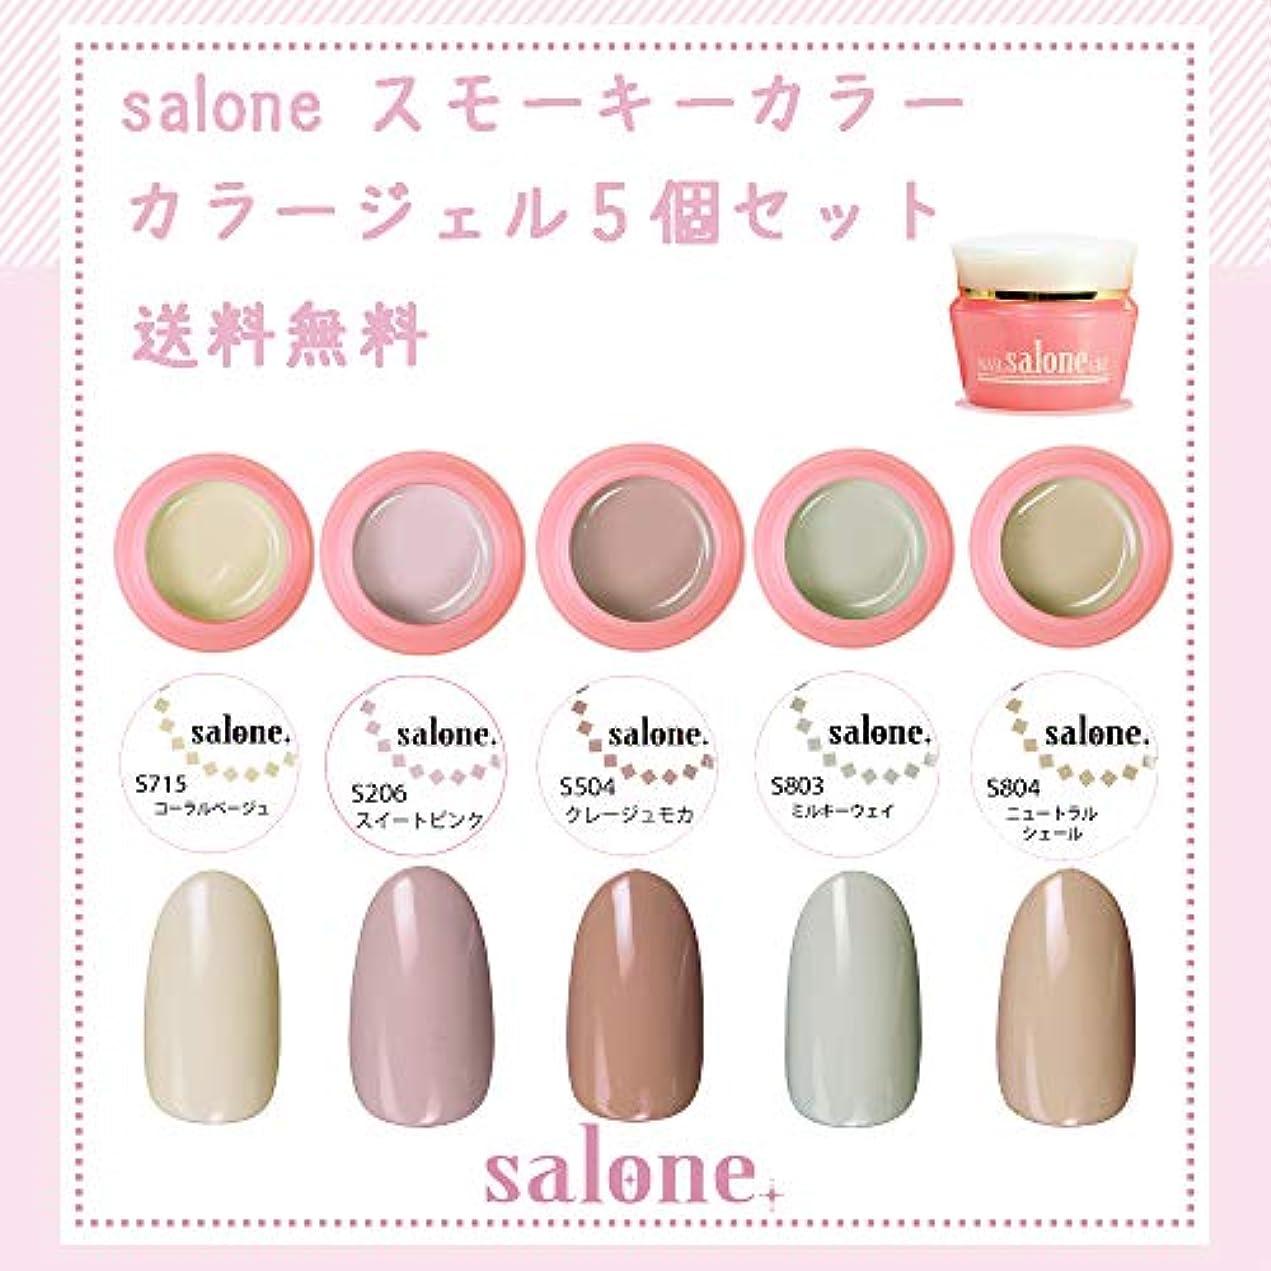 揺れる者解明する【送料無料 日本製】Salone スモーキー カラージェル5個セット アンニュイなスモーキーなカラー